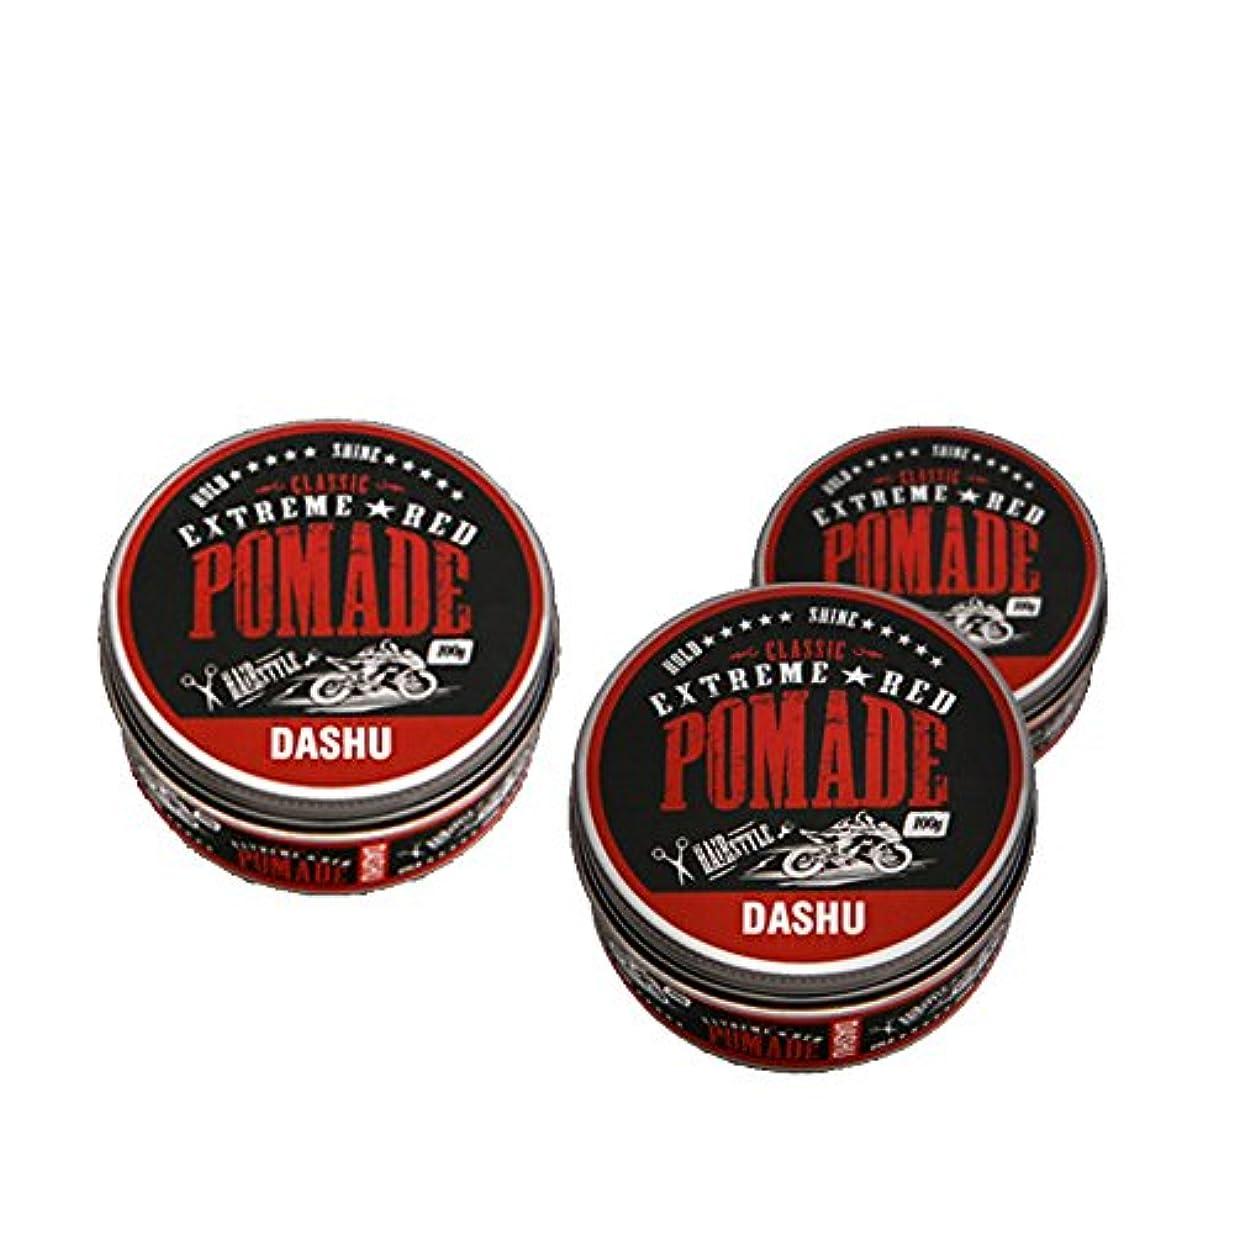 ピッチふざけたテラス(3個セット) x [DASHU] ダシュ クラシックエクストリームレッドポマード Classic Extreme Red Pomade Hair Wax 100ml / 韓国製 . 韓国直送品